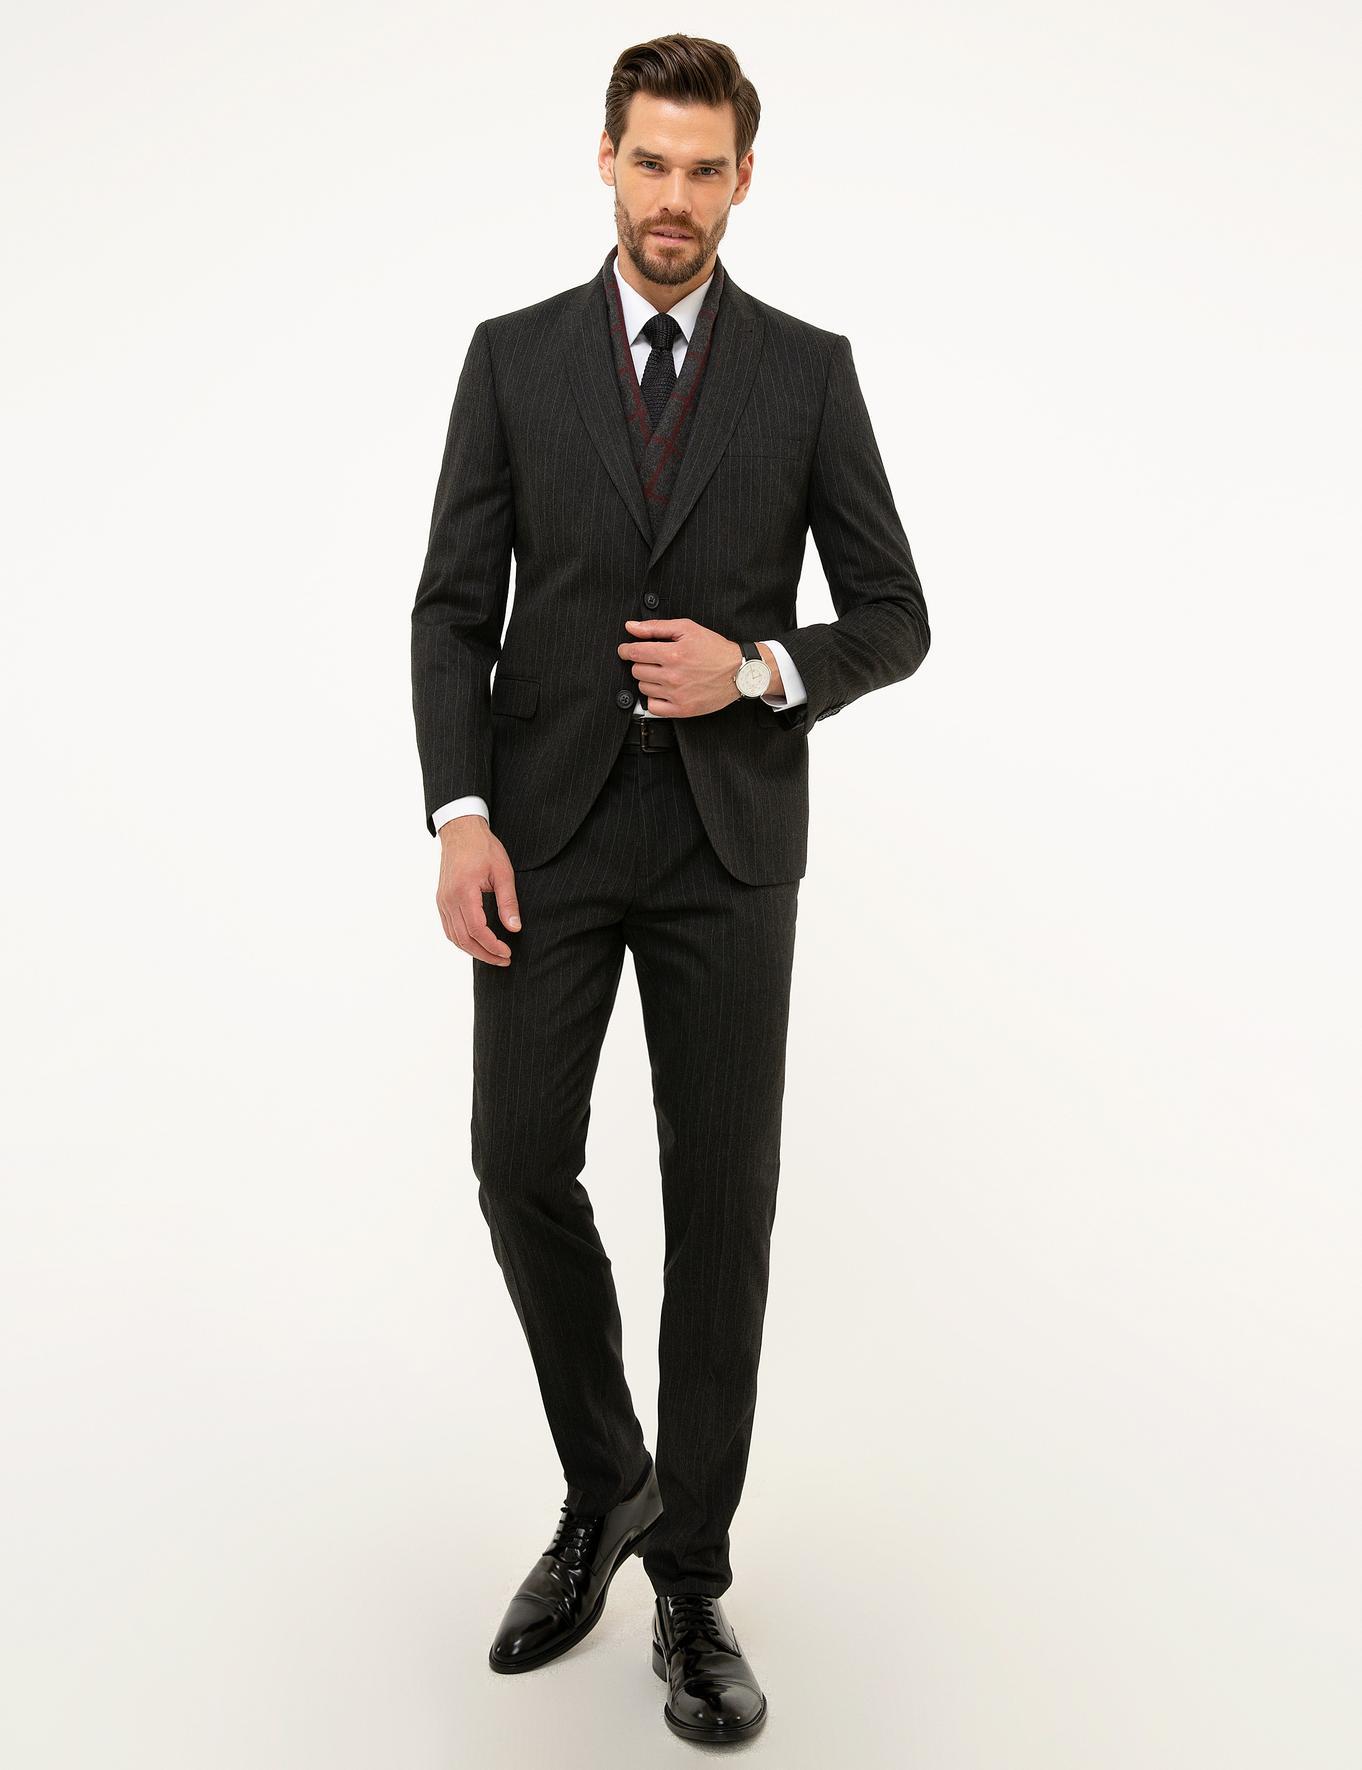 Füme Ekstra Slim Fit Takım Elbise